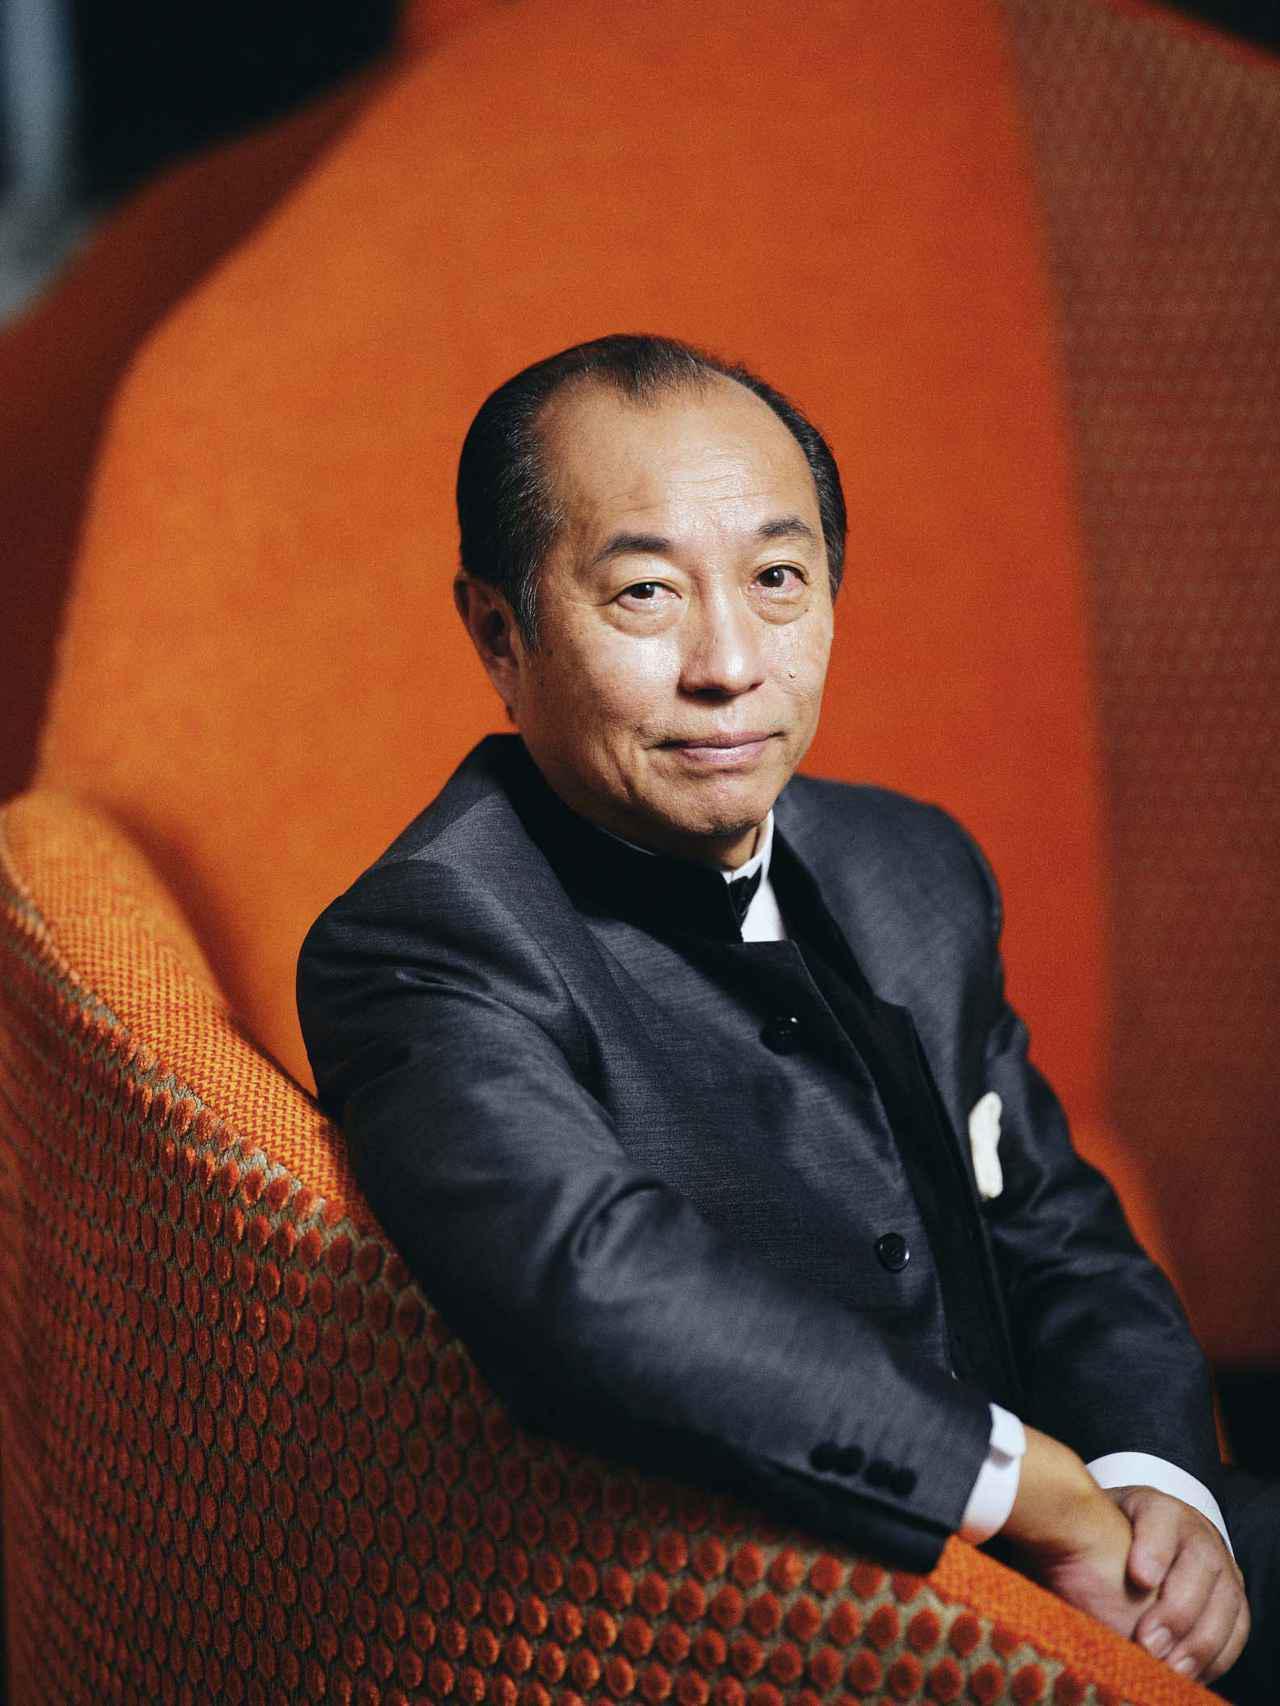 画像: 田崎真也氏 Shinya TASAKI 1958年、東京都生まれ。95年「第8回世界最優秀ソムリエコンクール」で日本人として初めて優勝。99年、フランス農事功労章シュヴァリエ受章。2011年、黄綬褒章受章。17年まで国際ソムリエ協会会長を務めて、 現在、一般社団法人日本ソムリエ協会会長を務める